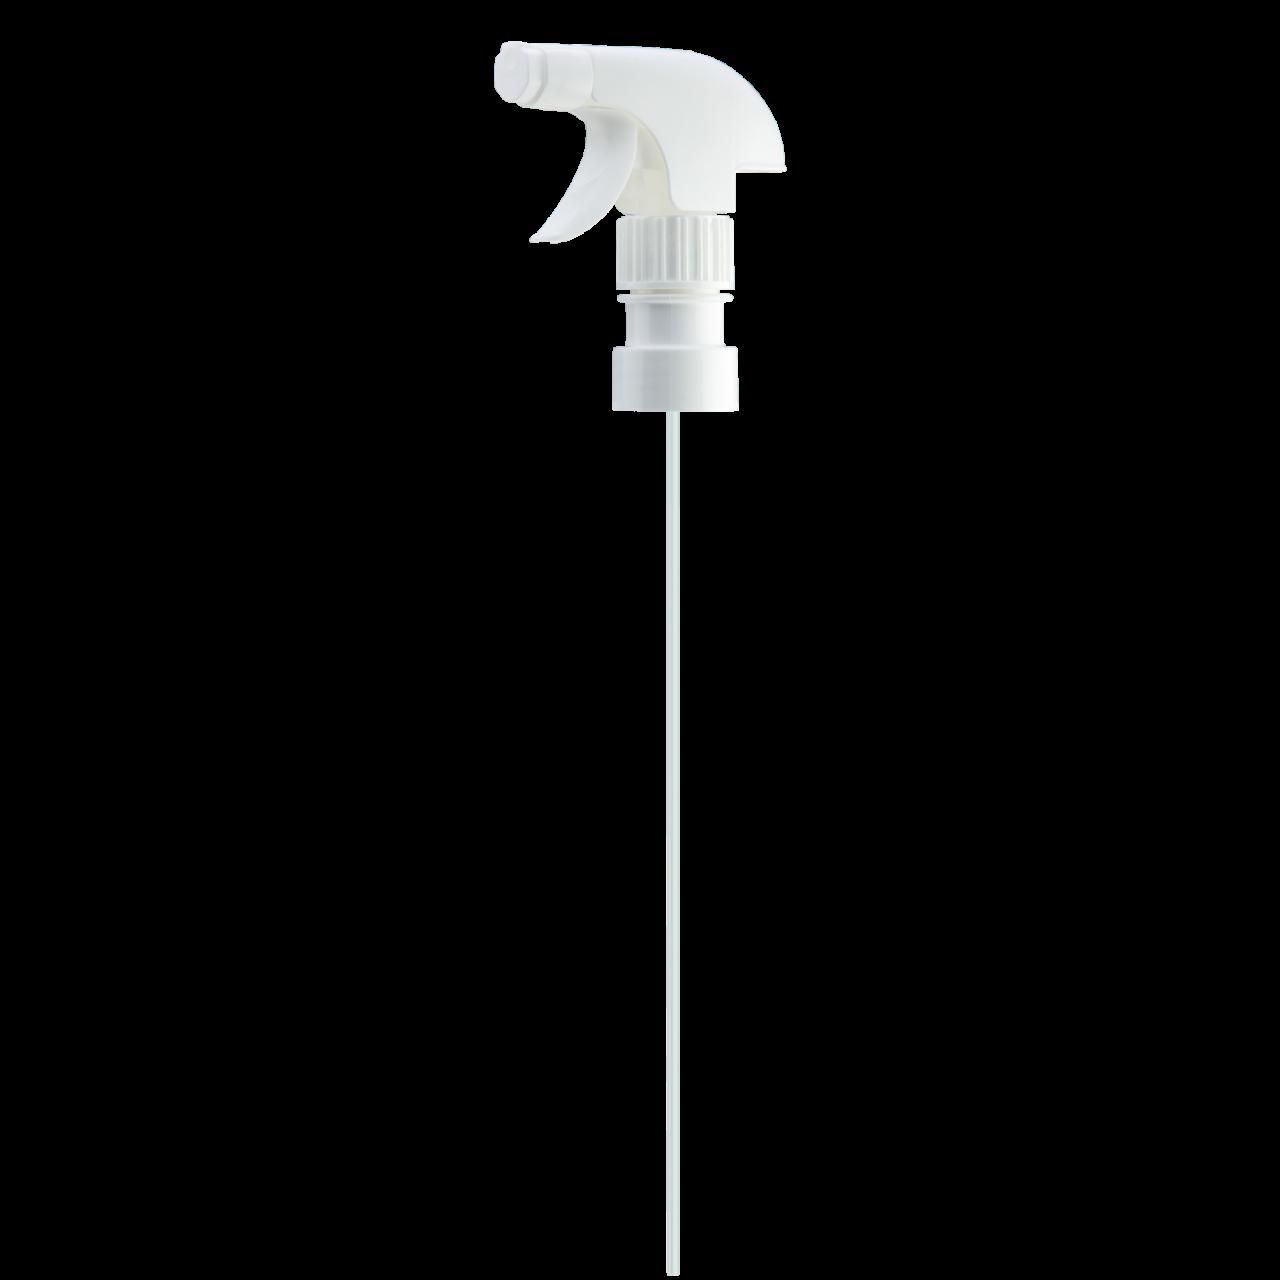 Schaumsprühkopf für BAEHR Flächen-Desinfektion